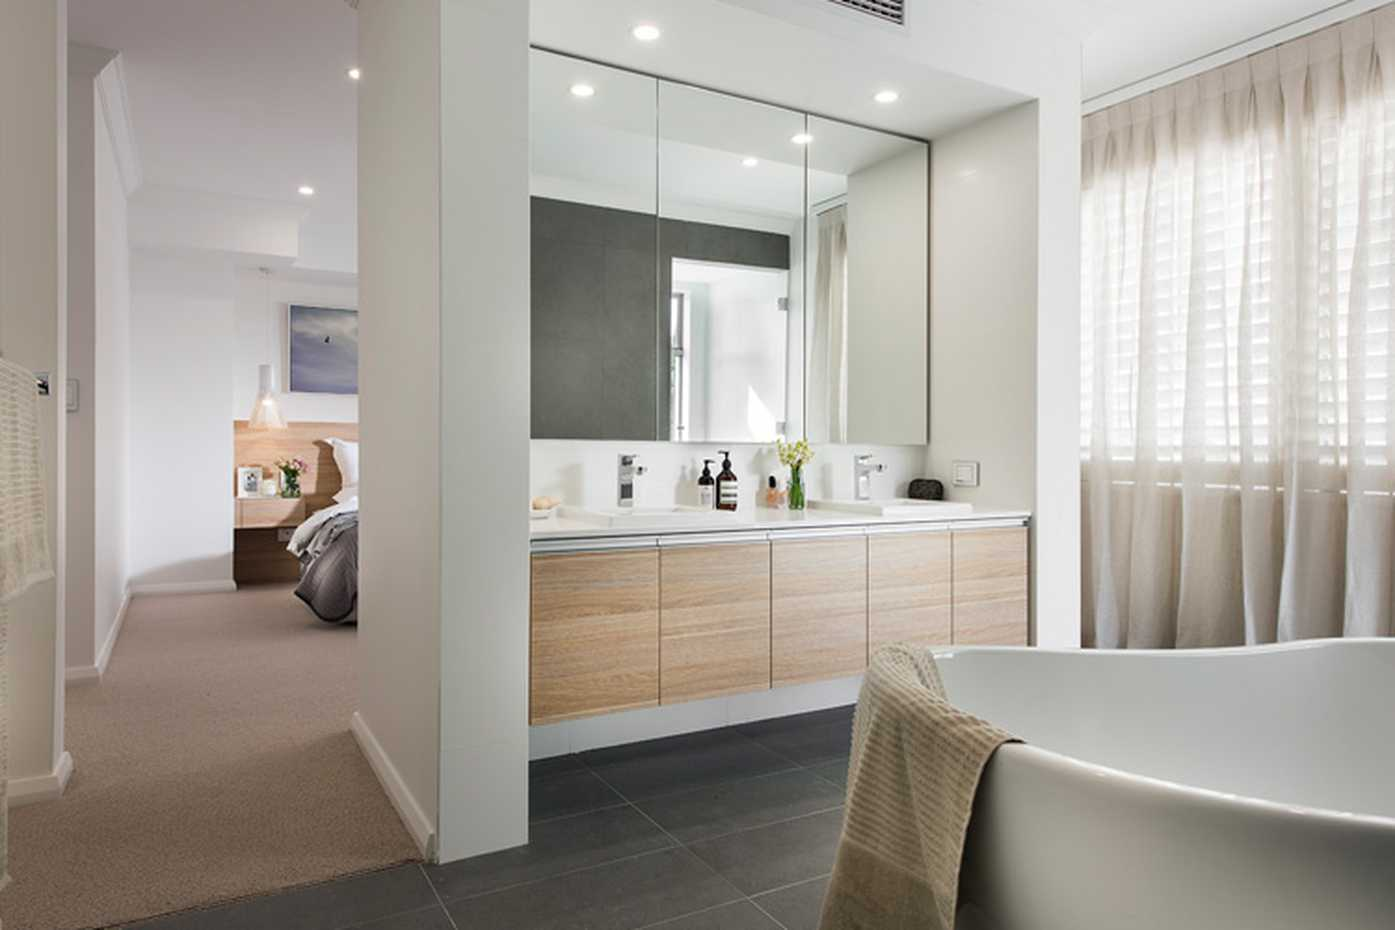 Boardwalk-luxurious-ensuite-bathroom